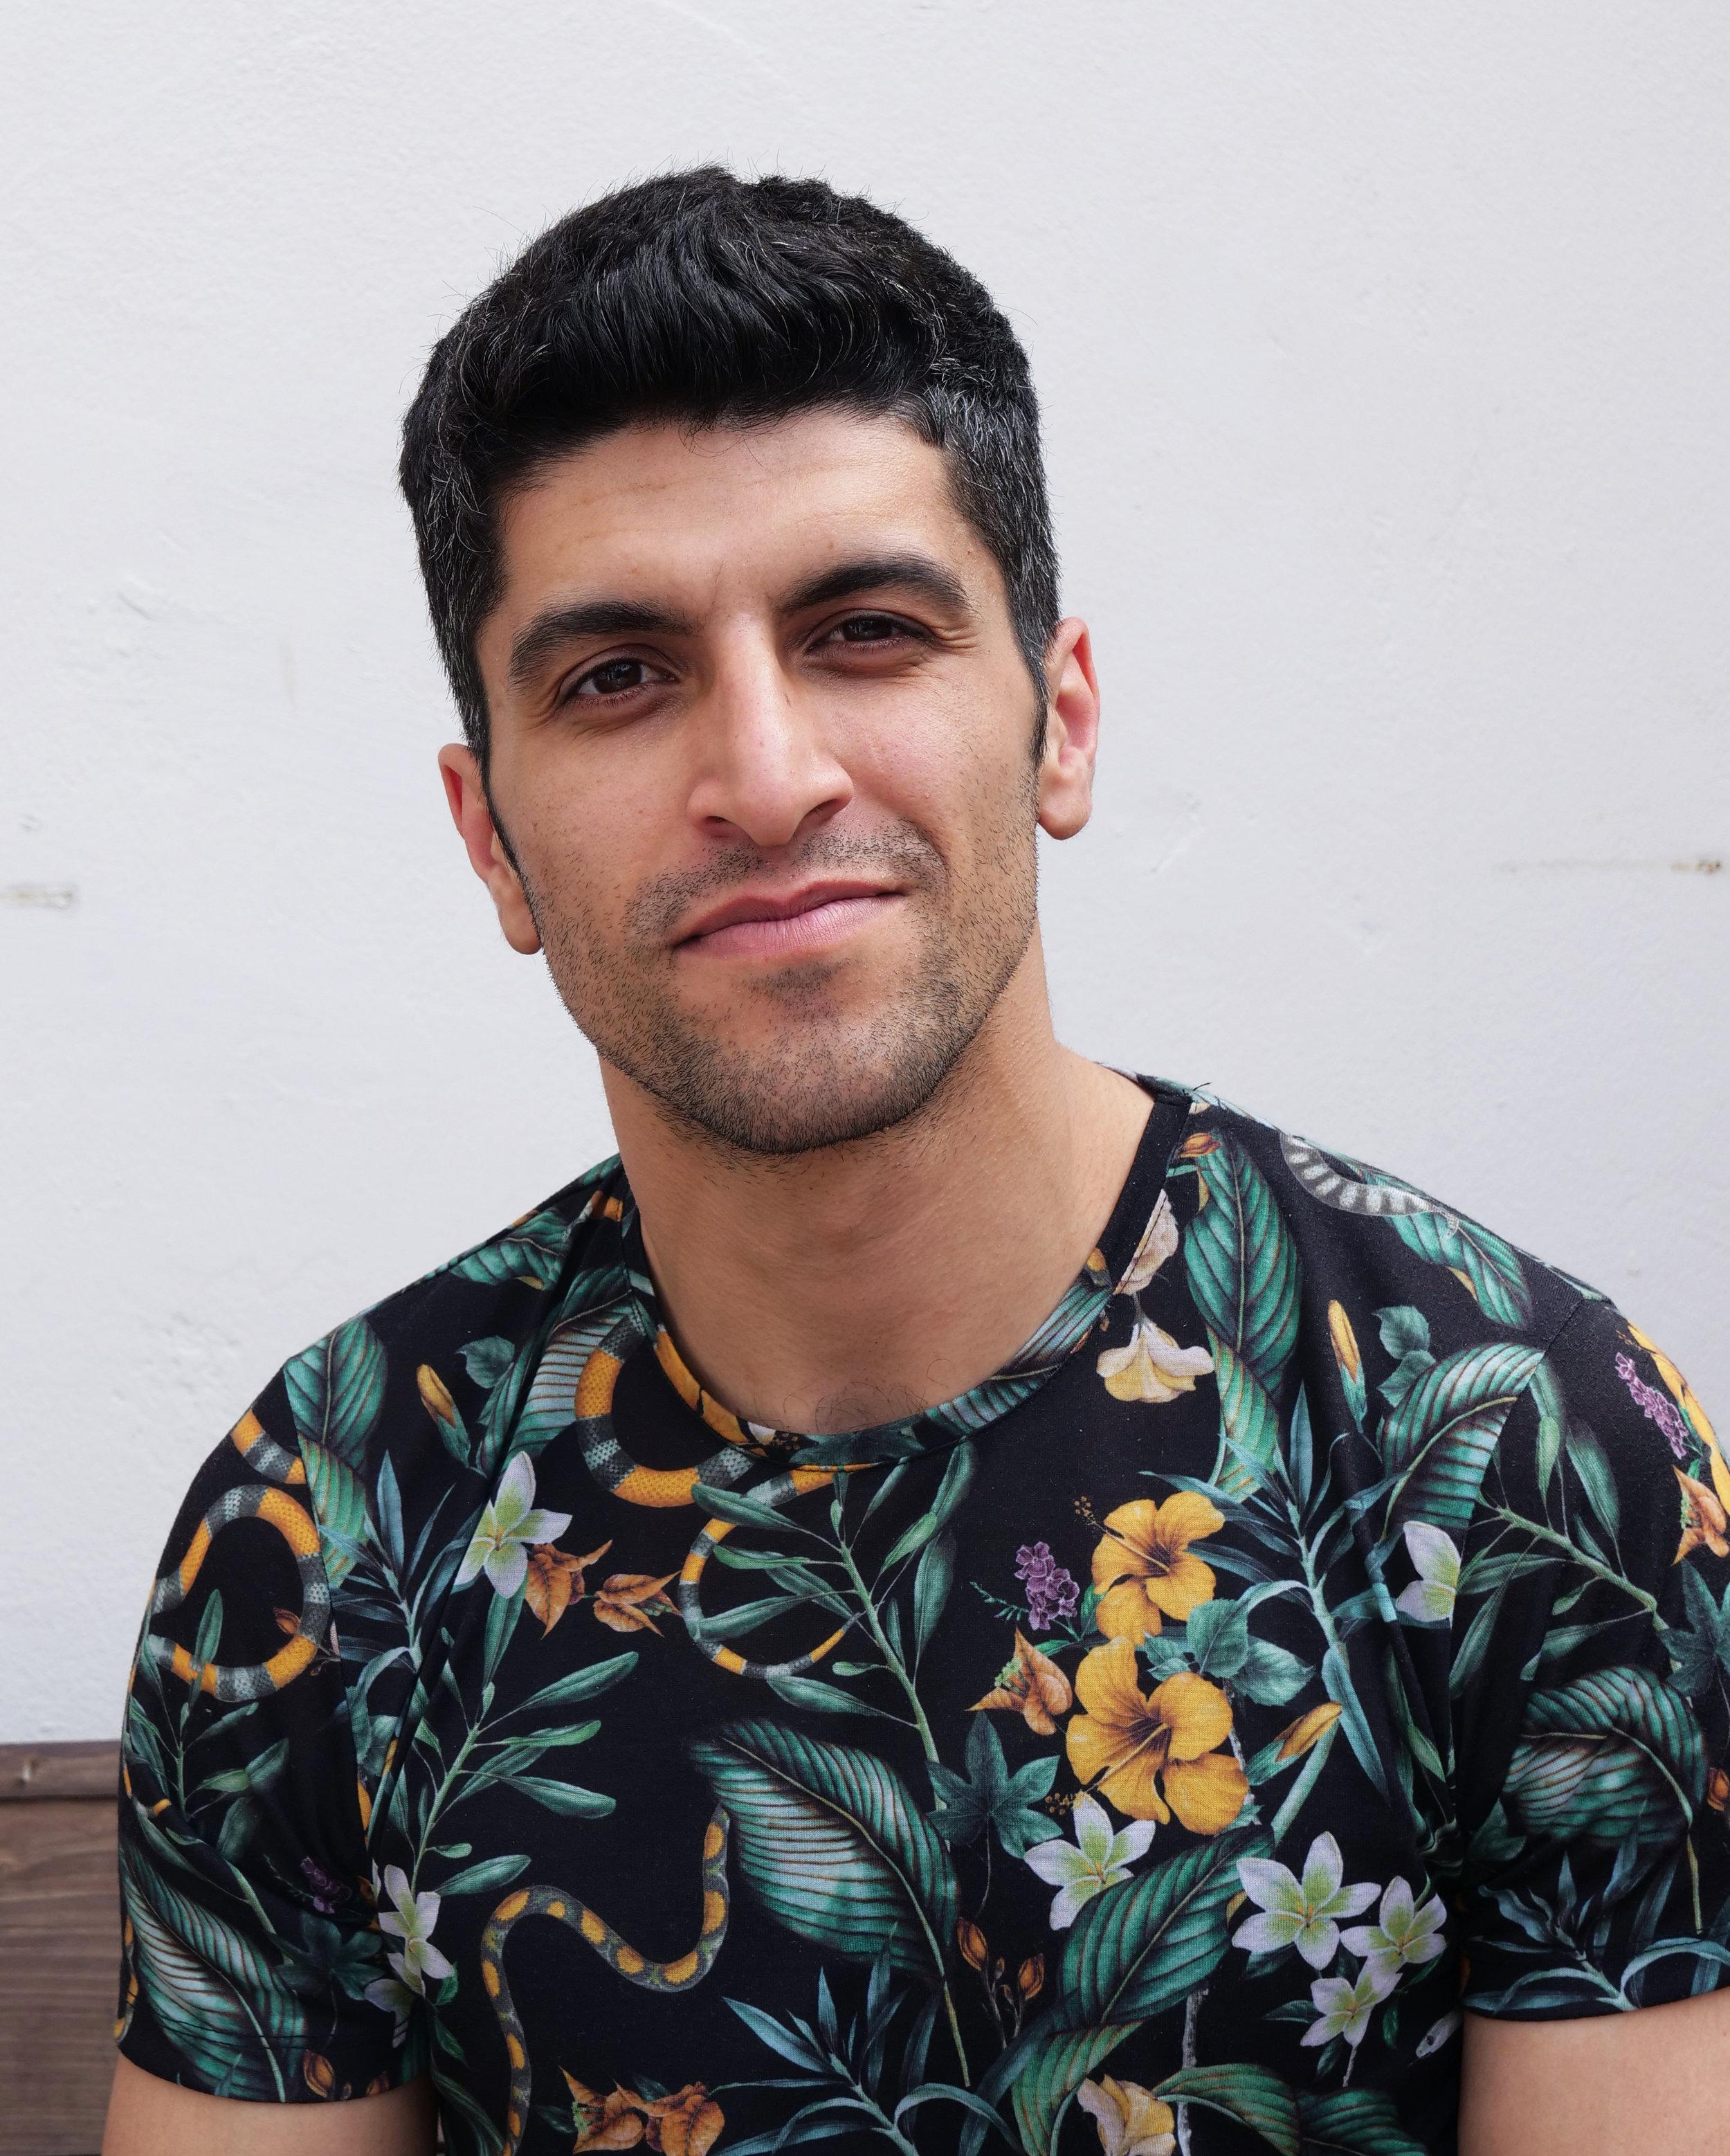 Reza deltager i Trampolinhusets iværksætterkursus for at få bedre jobmuligheder. Foto: Viktoria Steinhart.